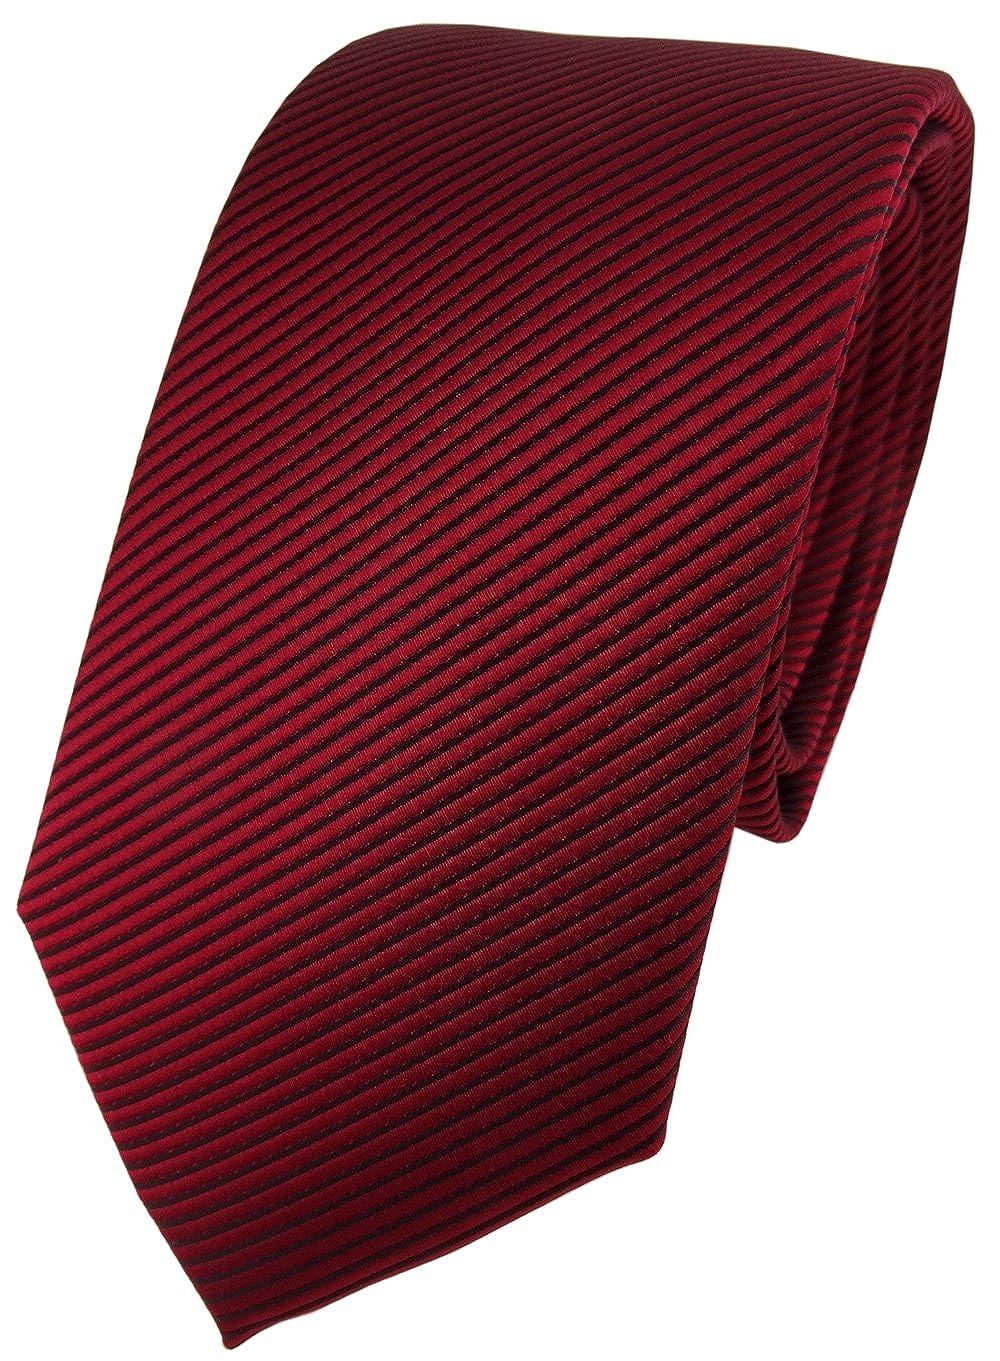 TigerTie Modische Designer Krawatte in fein gestreift Krawatte 7 cm Breite